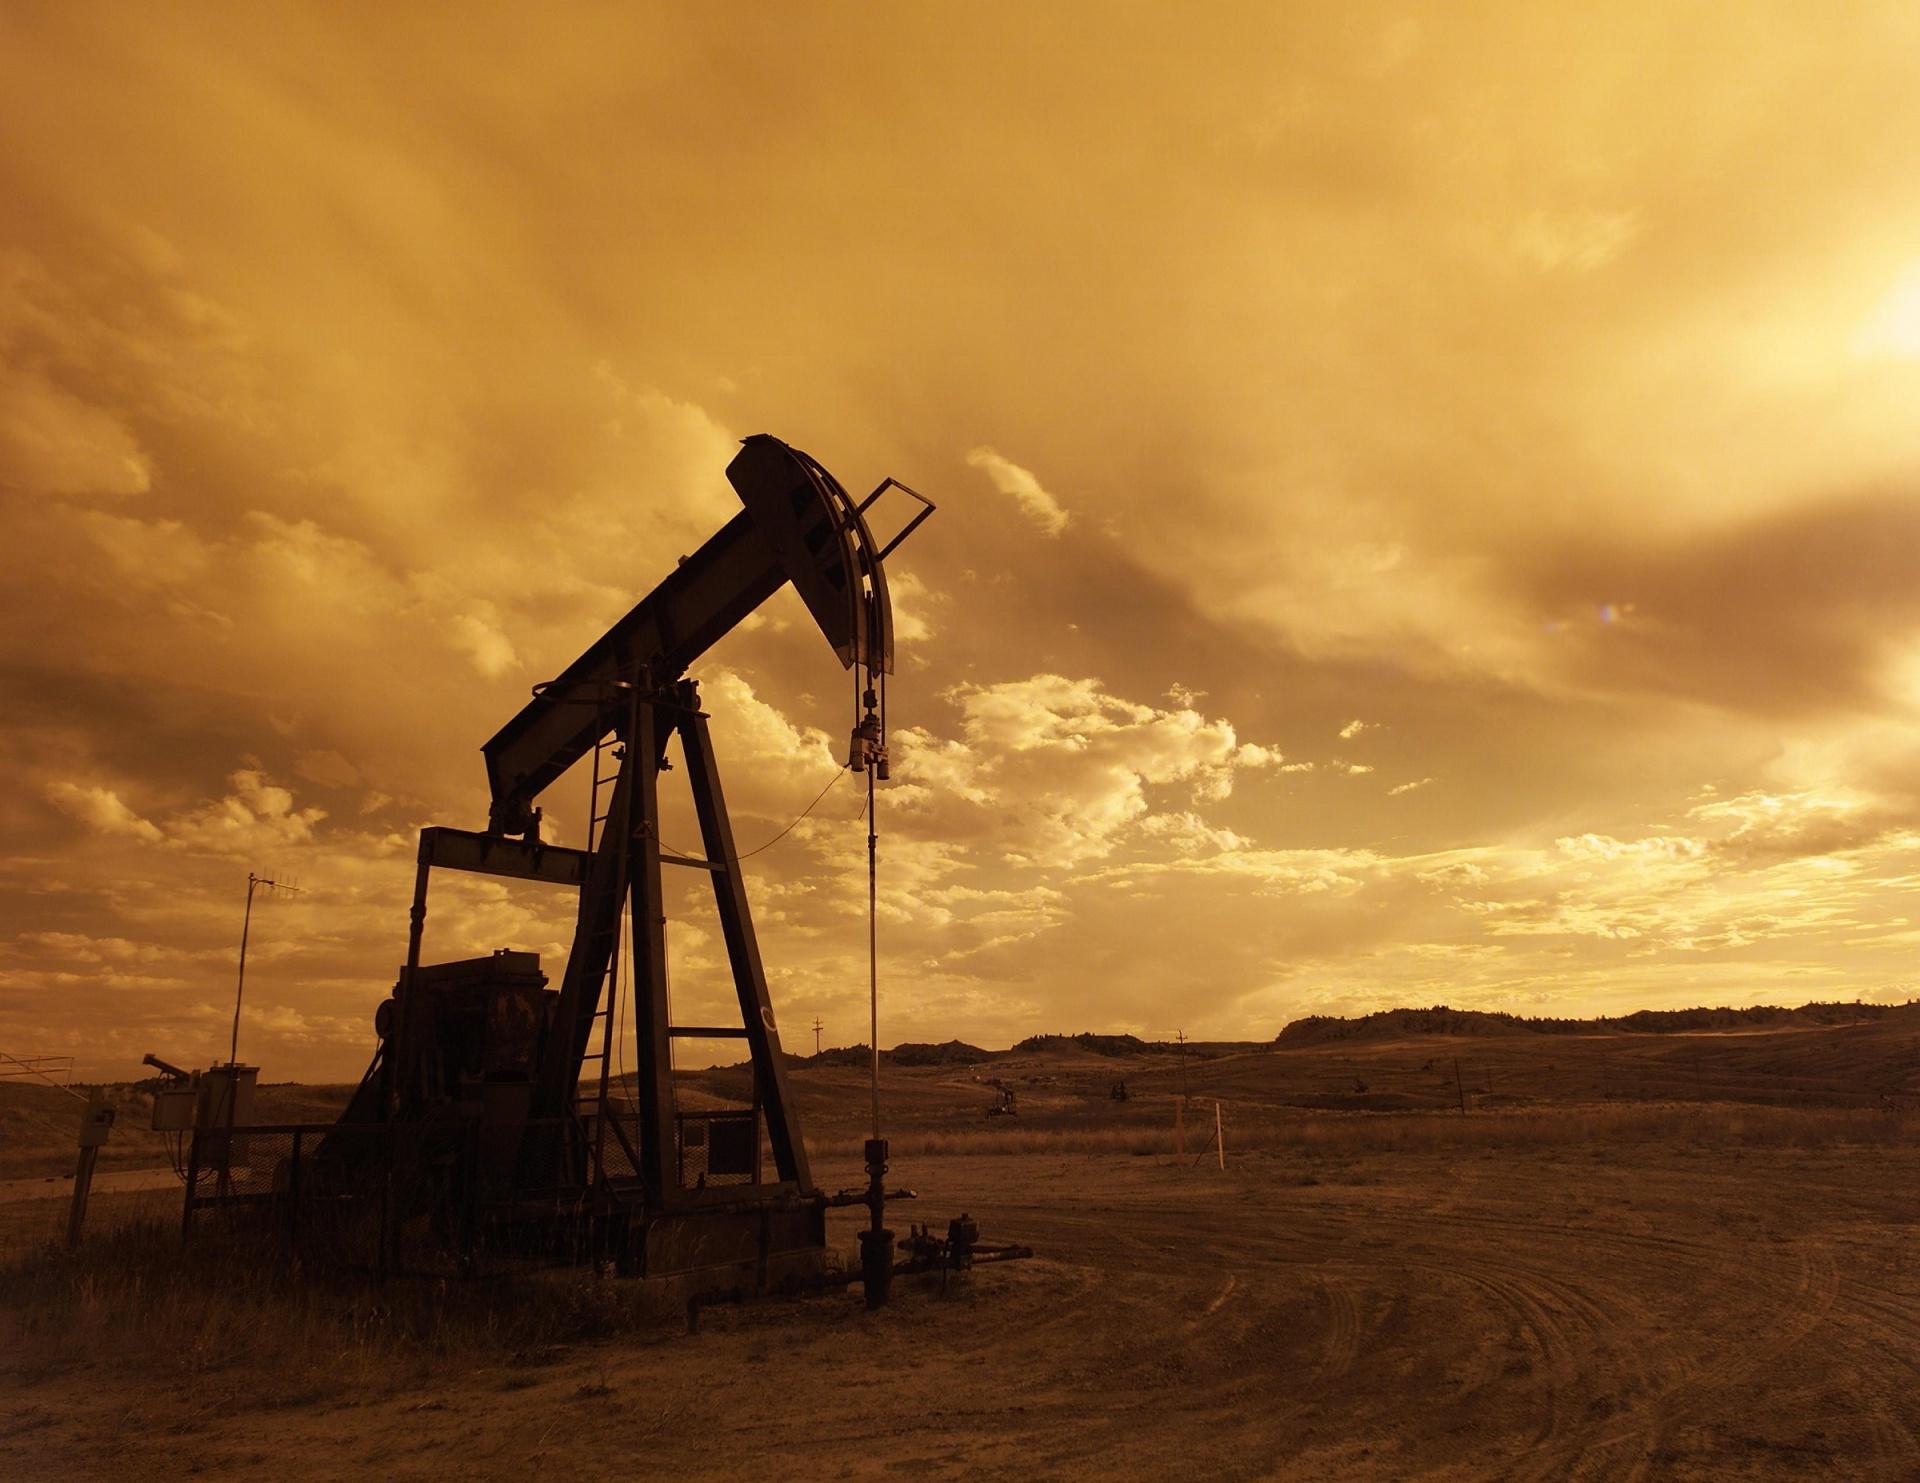 oil-pump-jack/publicdomainpictures.net